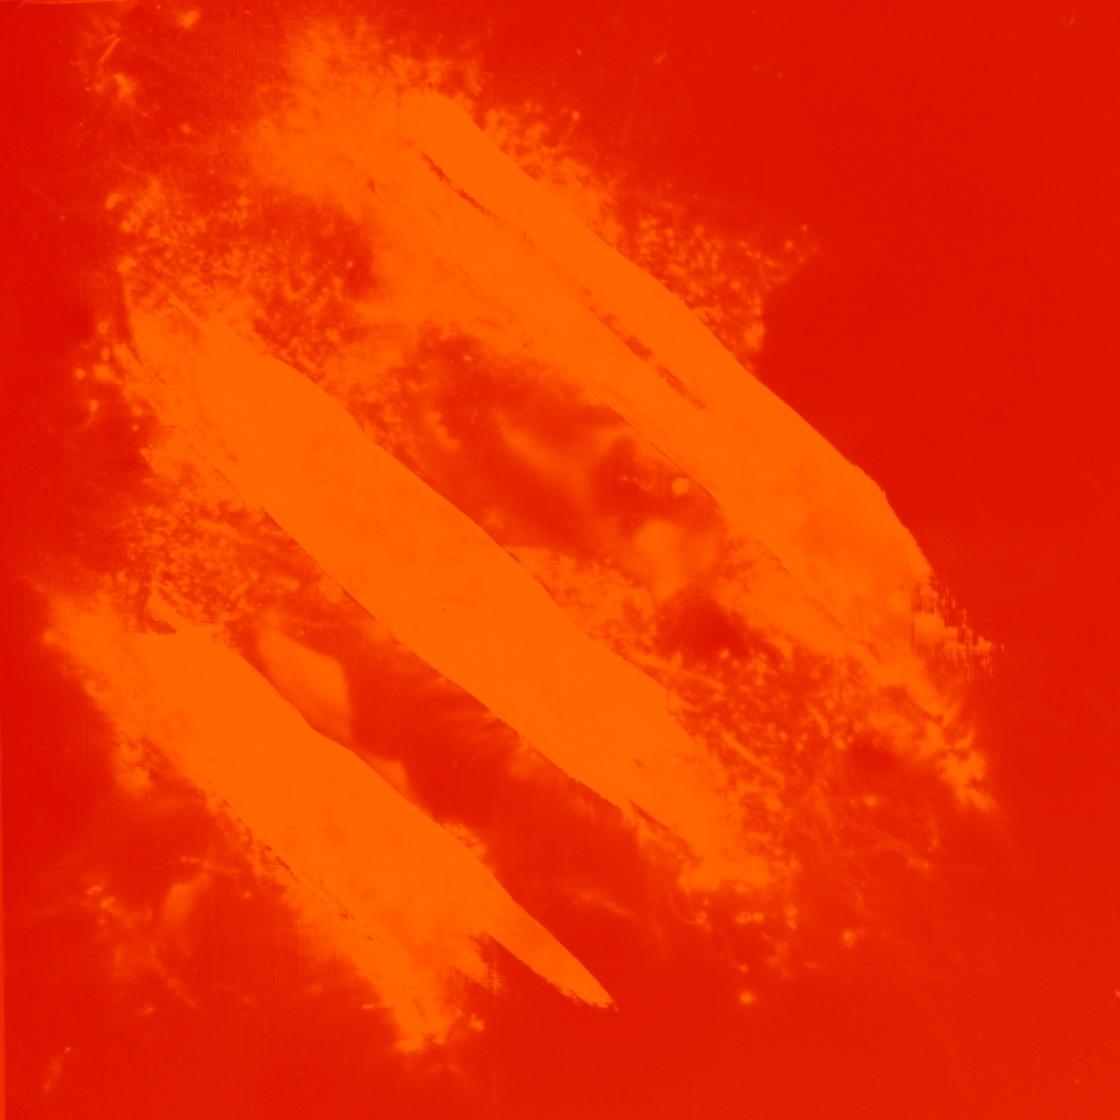 The Fireproof Bones (Red Orange).jpg